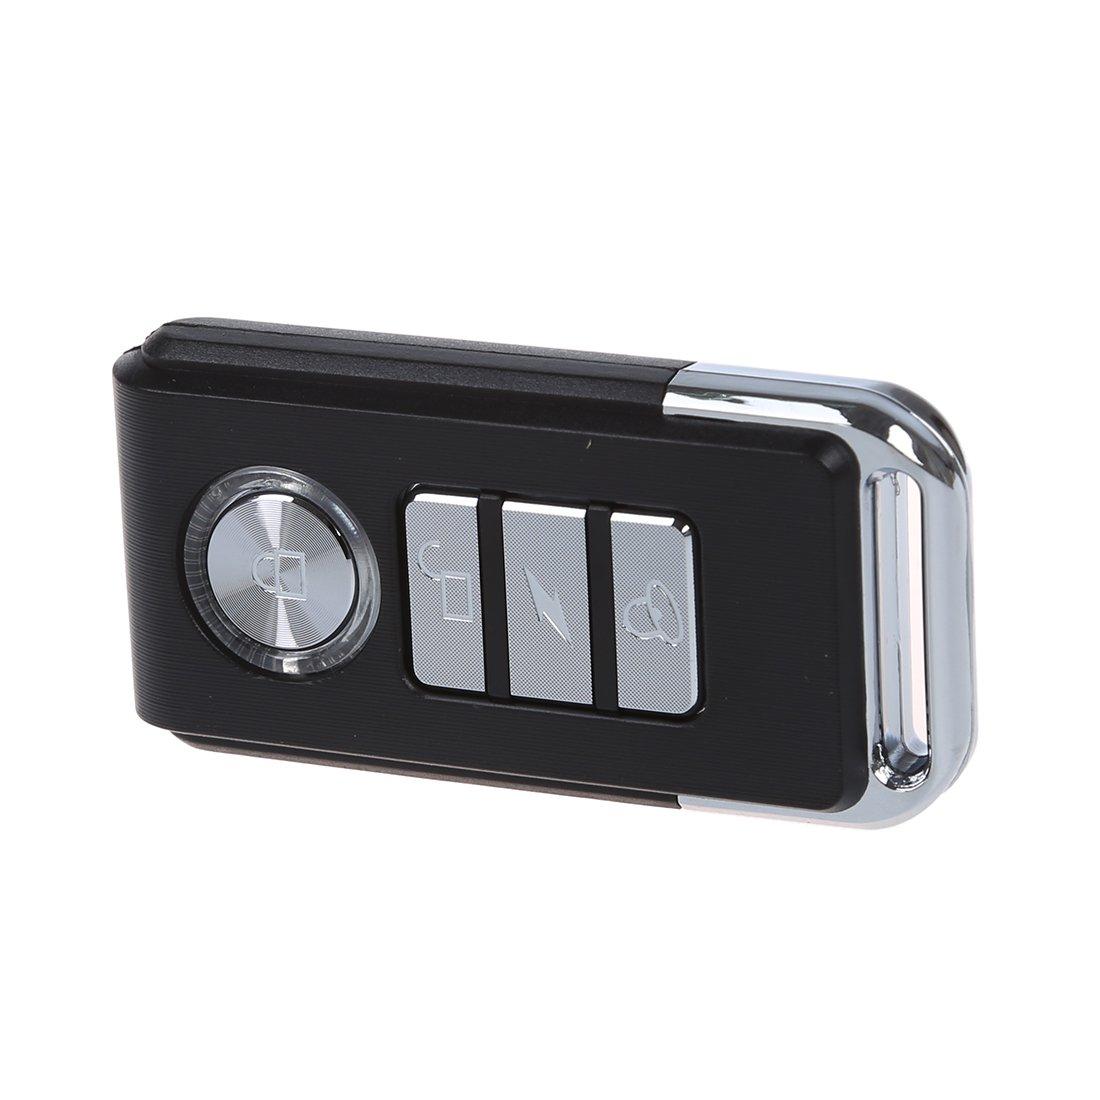 R Remoto control Inalambrico Sensor de seguridad de ventana puerta magnetica Alarma antirrobo de entrada SODIAL